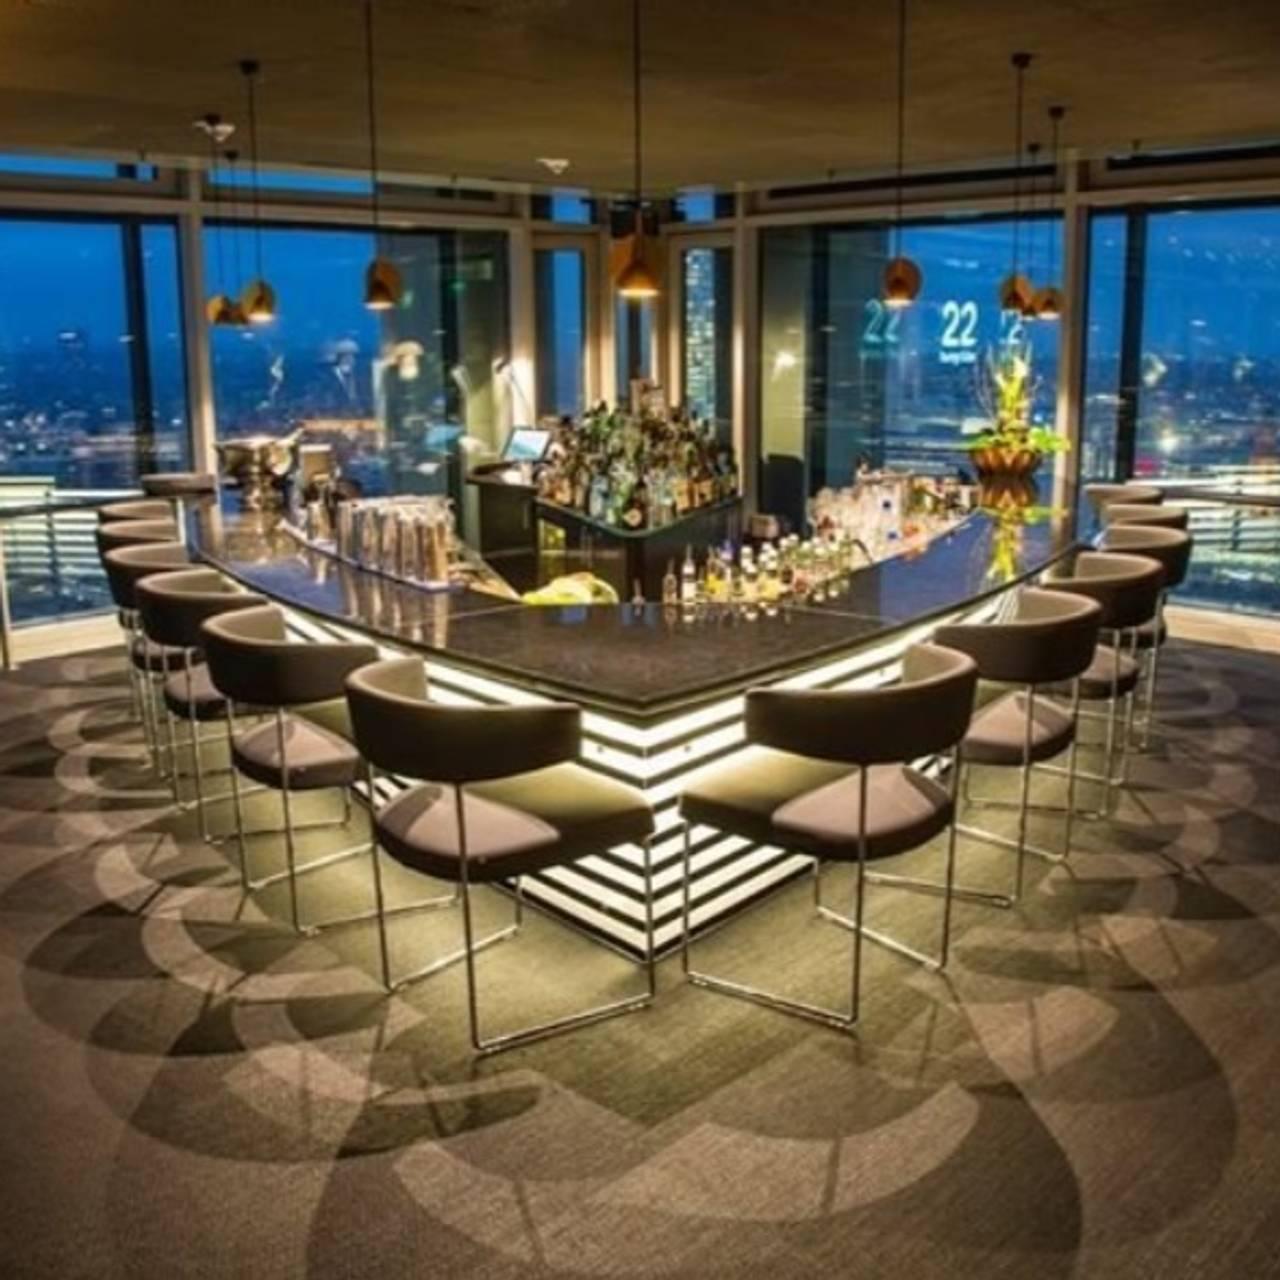 22nd Lounge & Bar Restaurant - Frankfurt am Main, HE | OpenTable